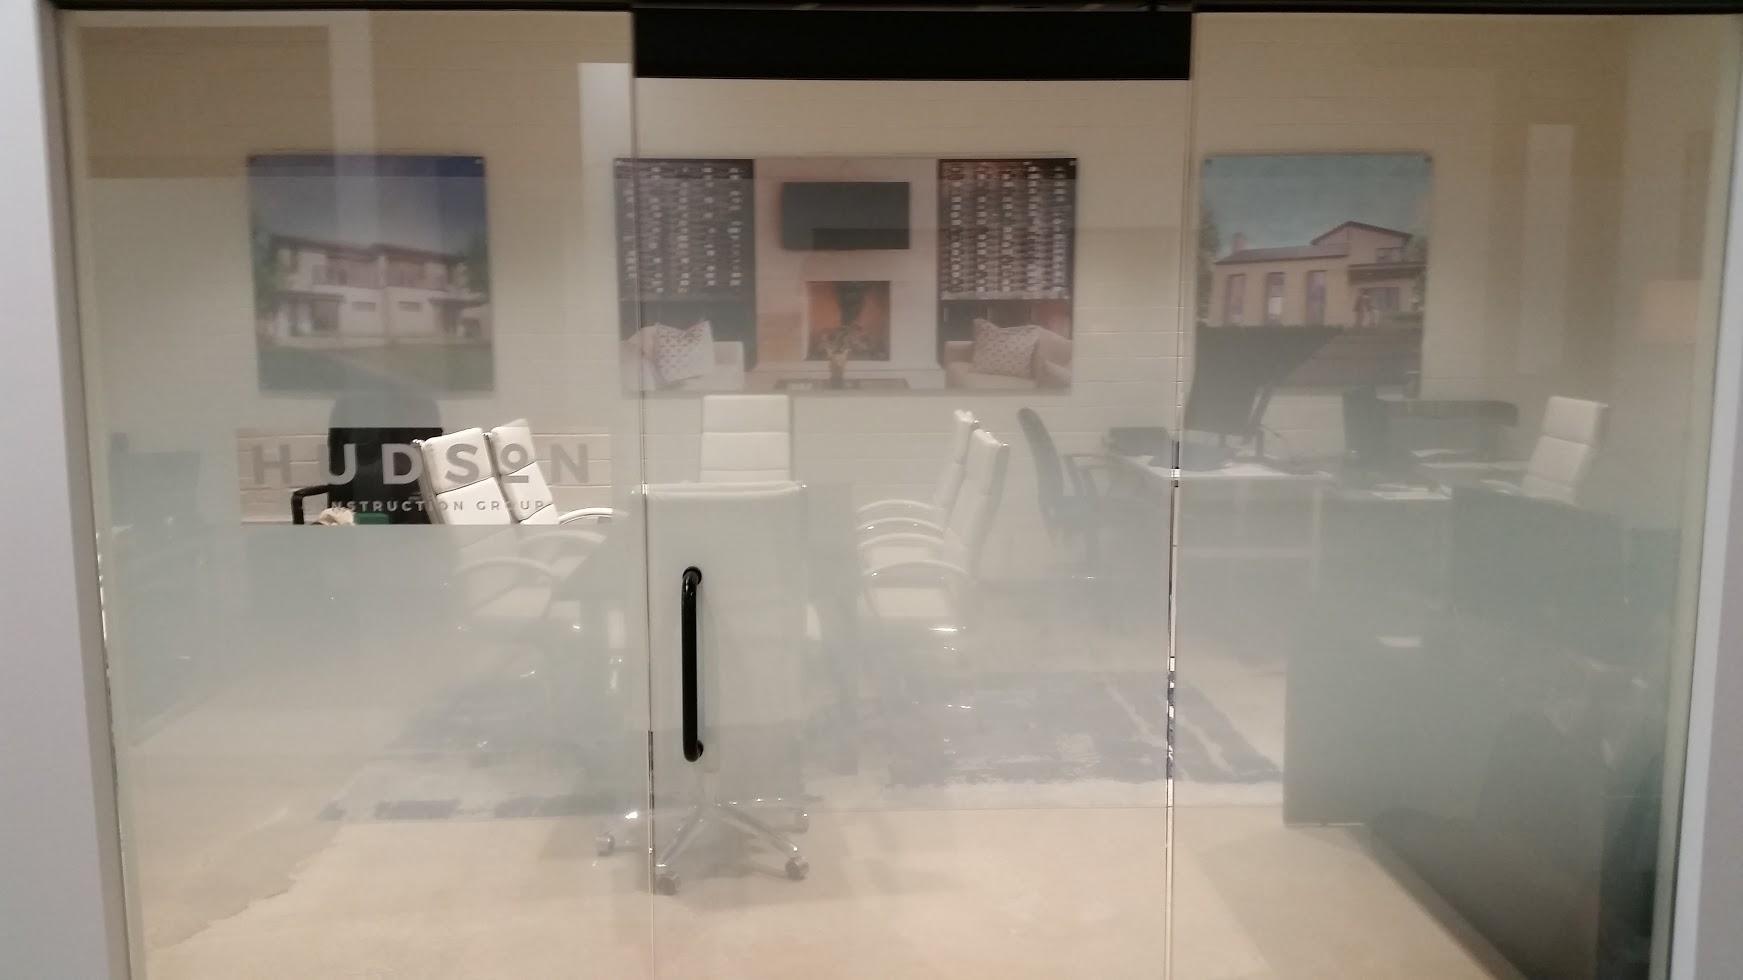 Solyx Gradient, Decorative Privacy Film, Logo installation, Dallas, TX